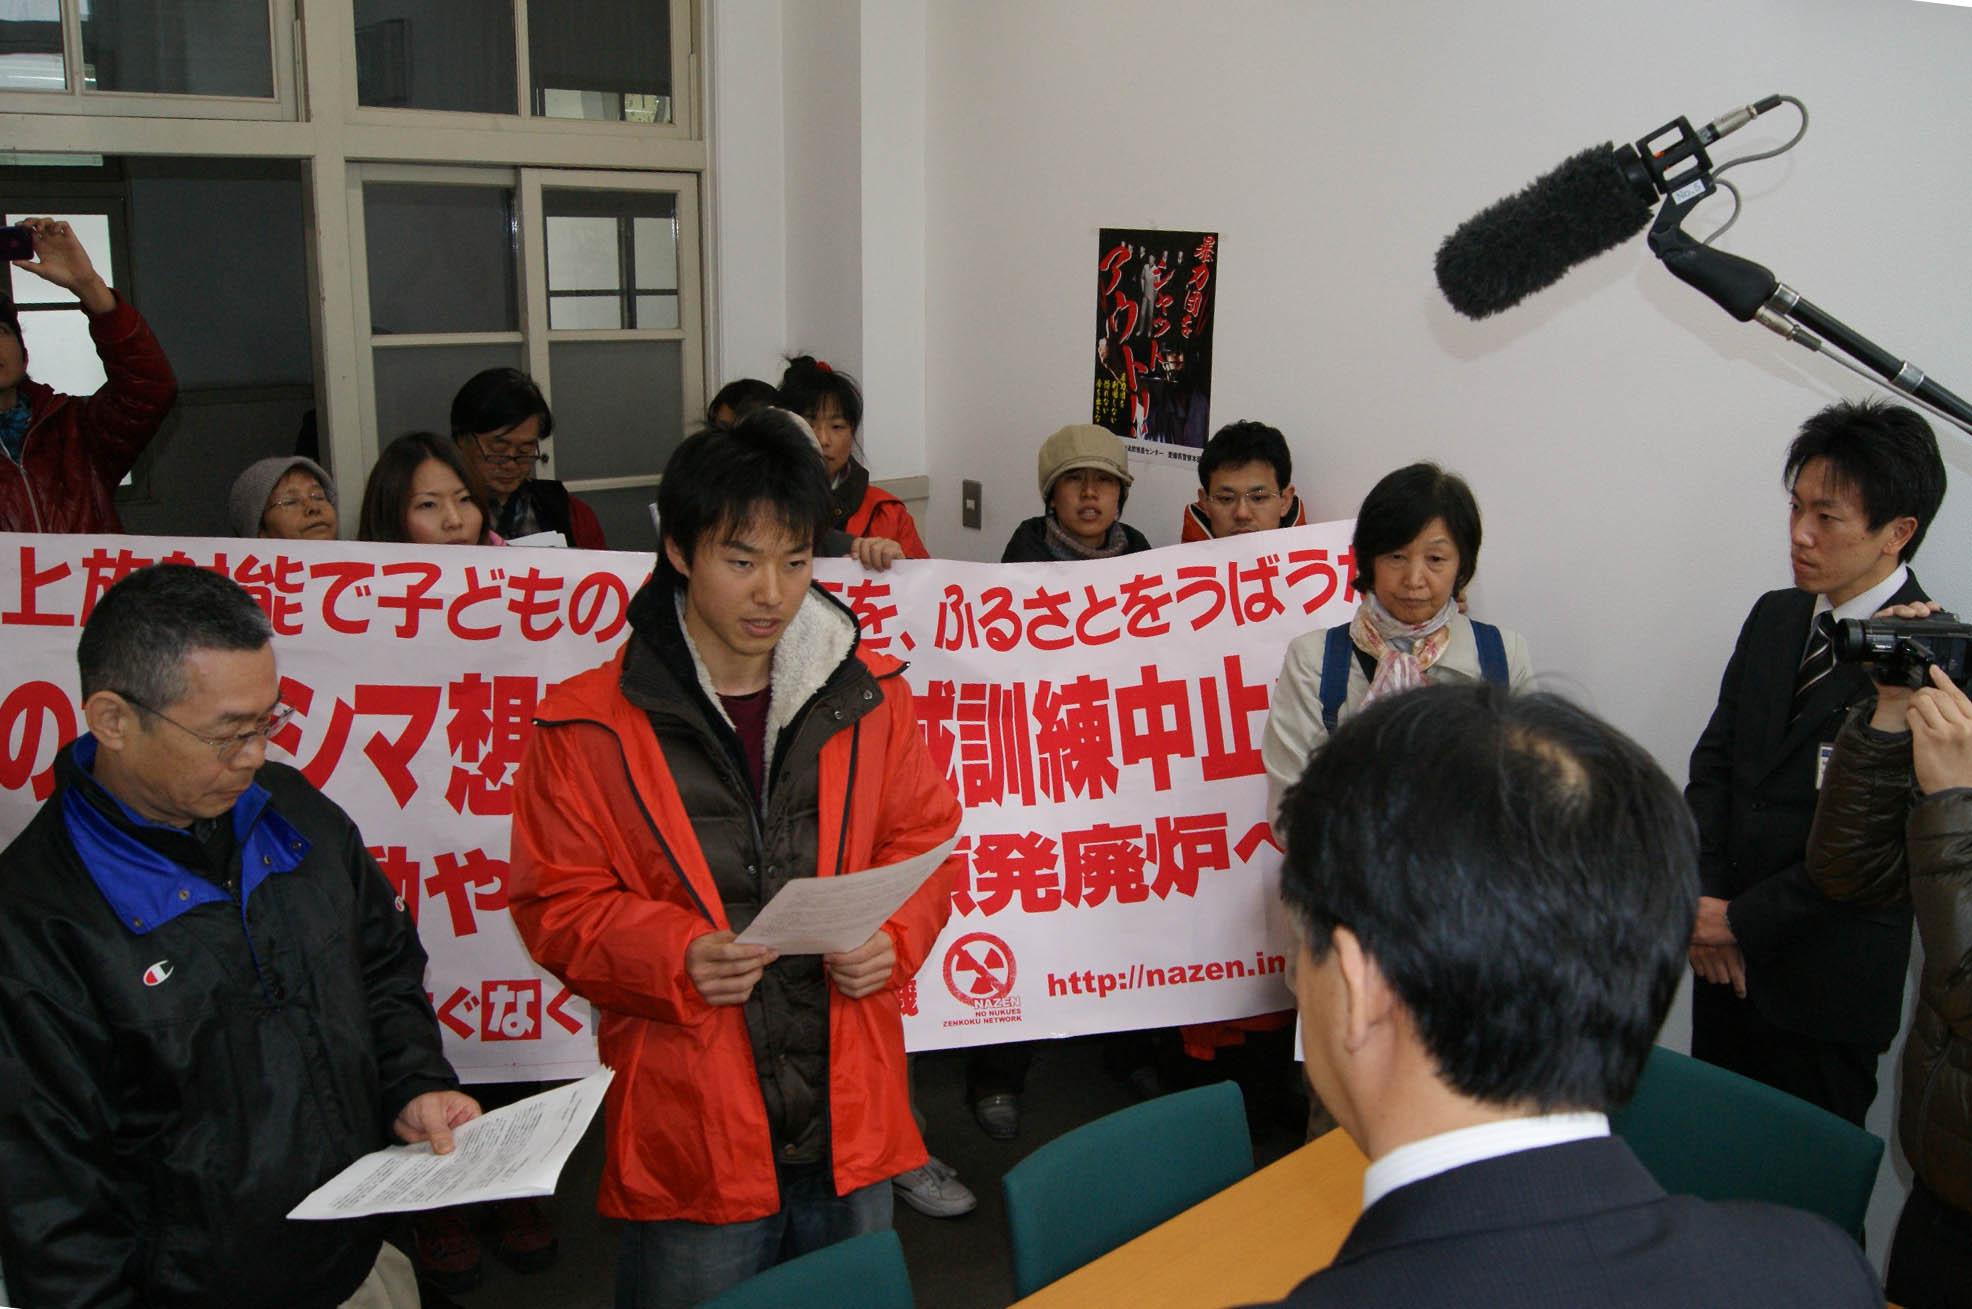 四国電力原子力本部と愛媛県庁へ伊方原発再稼働のための訓練に抗議する申し入れを行った_d0155415_2131788.jpg